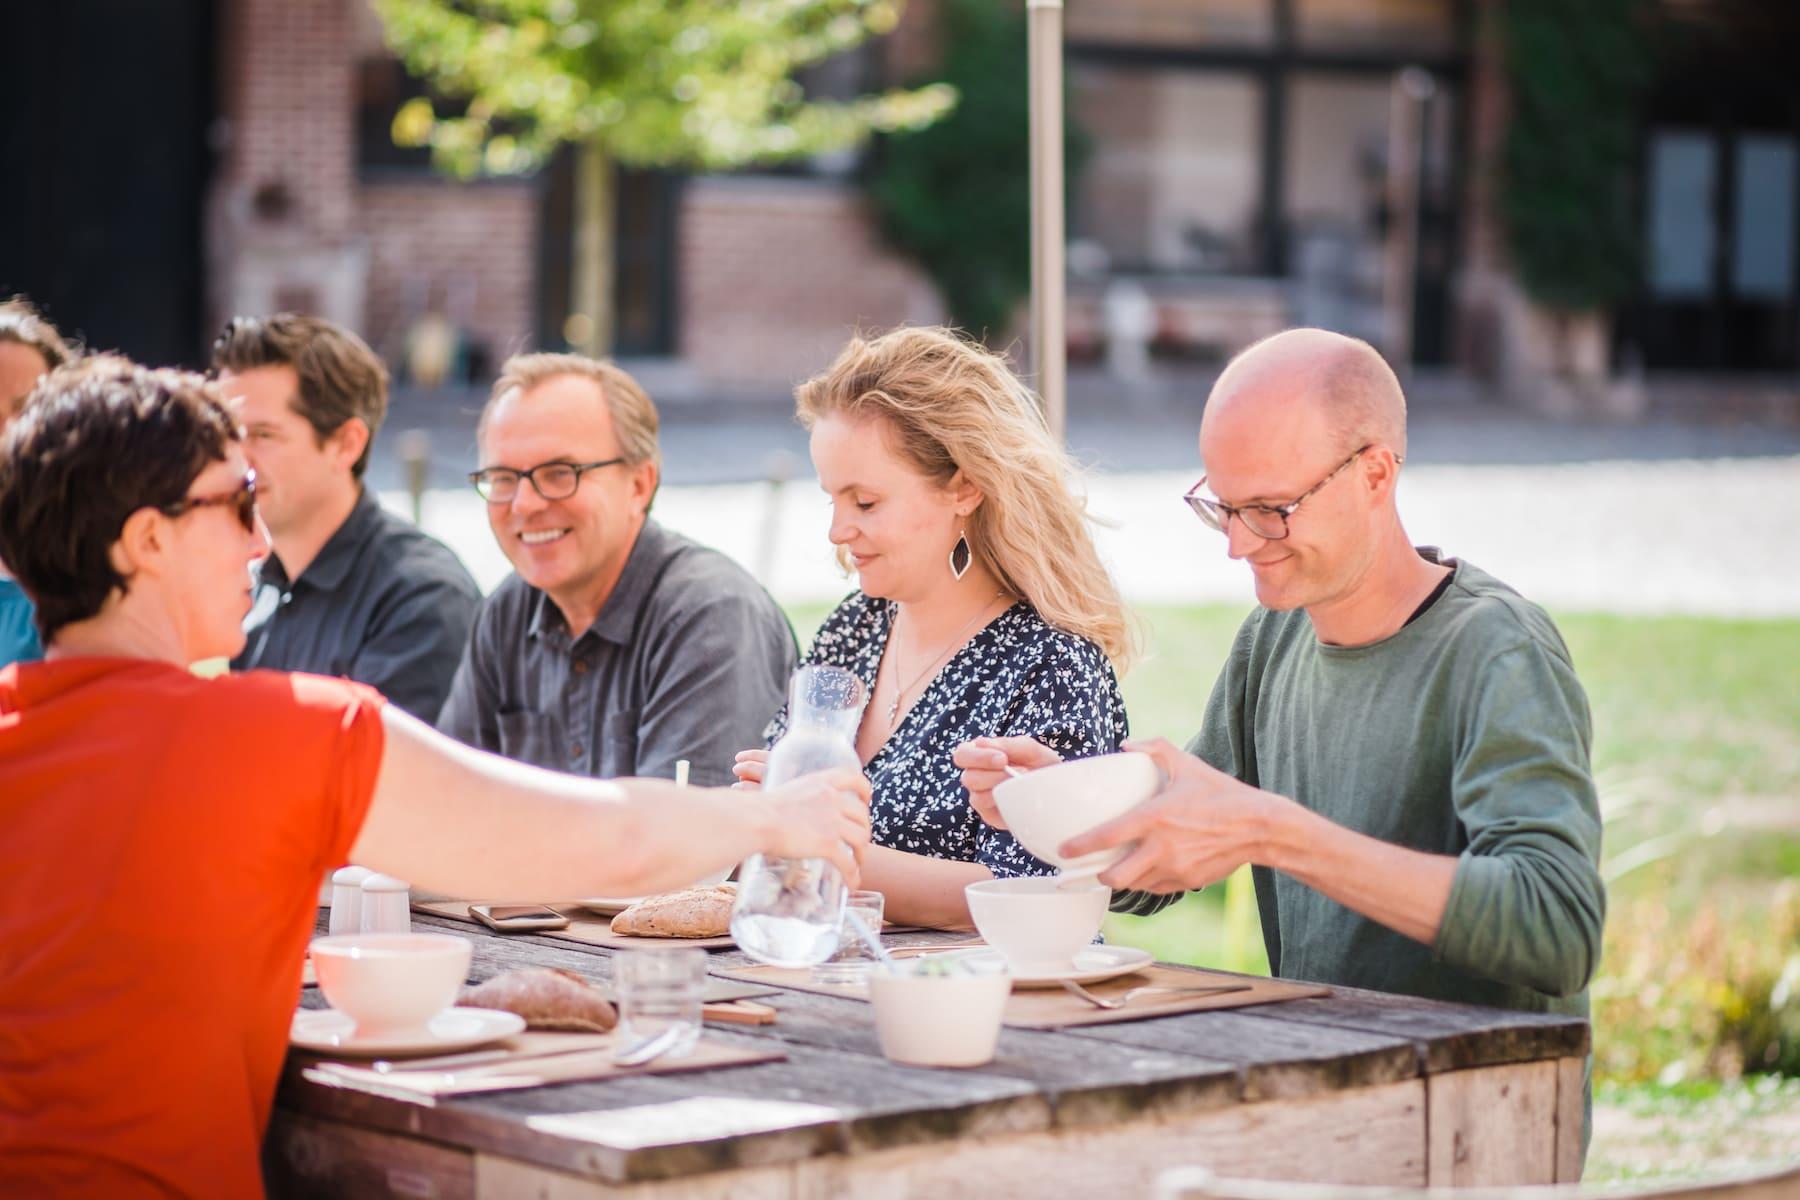 Kasteelhoeve Wange familie & vrienden weekend weg brunch Landen verbinden genieten barbecue